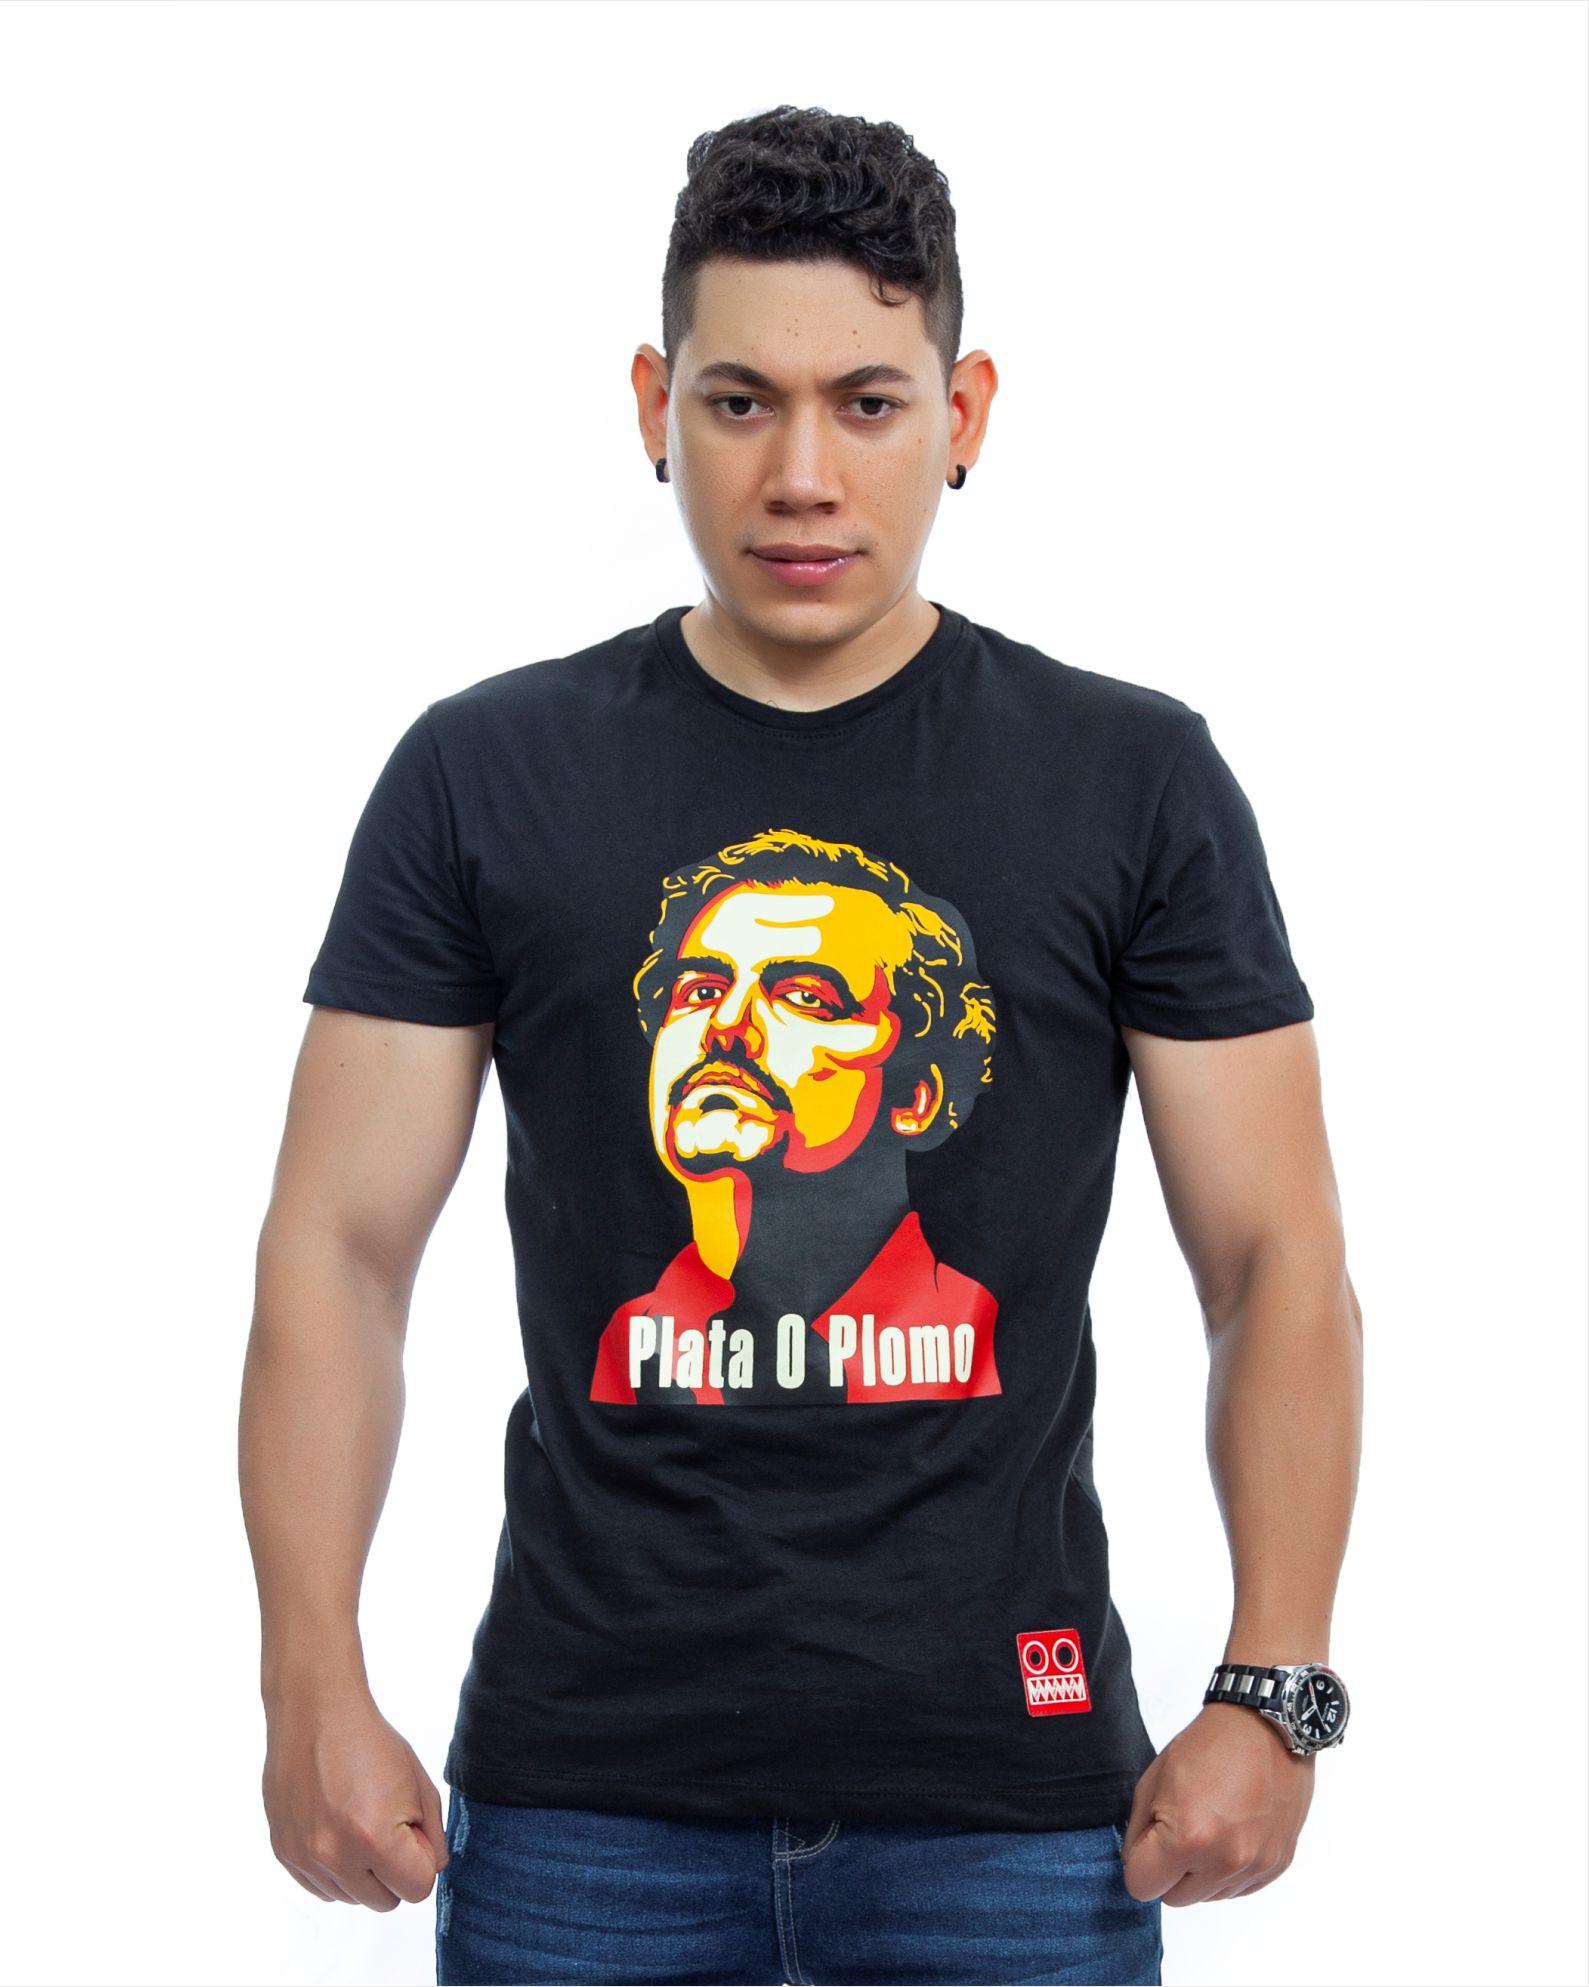 ref 1751 3 camiseta pablo, color negro, tela 100% en algodon Tallas S-M-L-XL. $48.000.